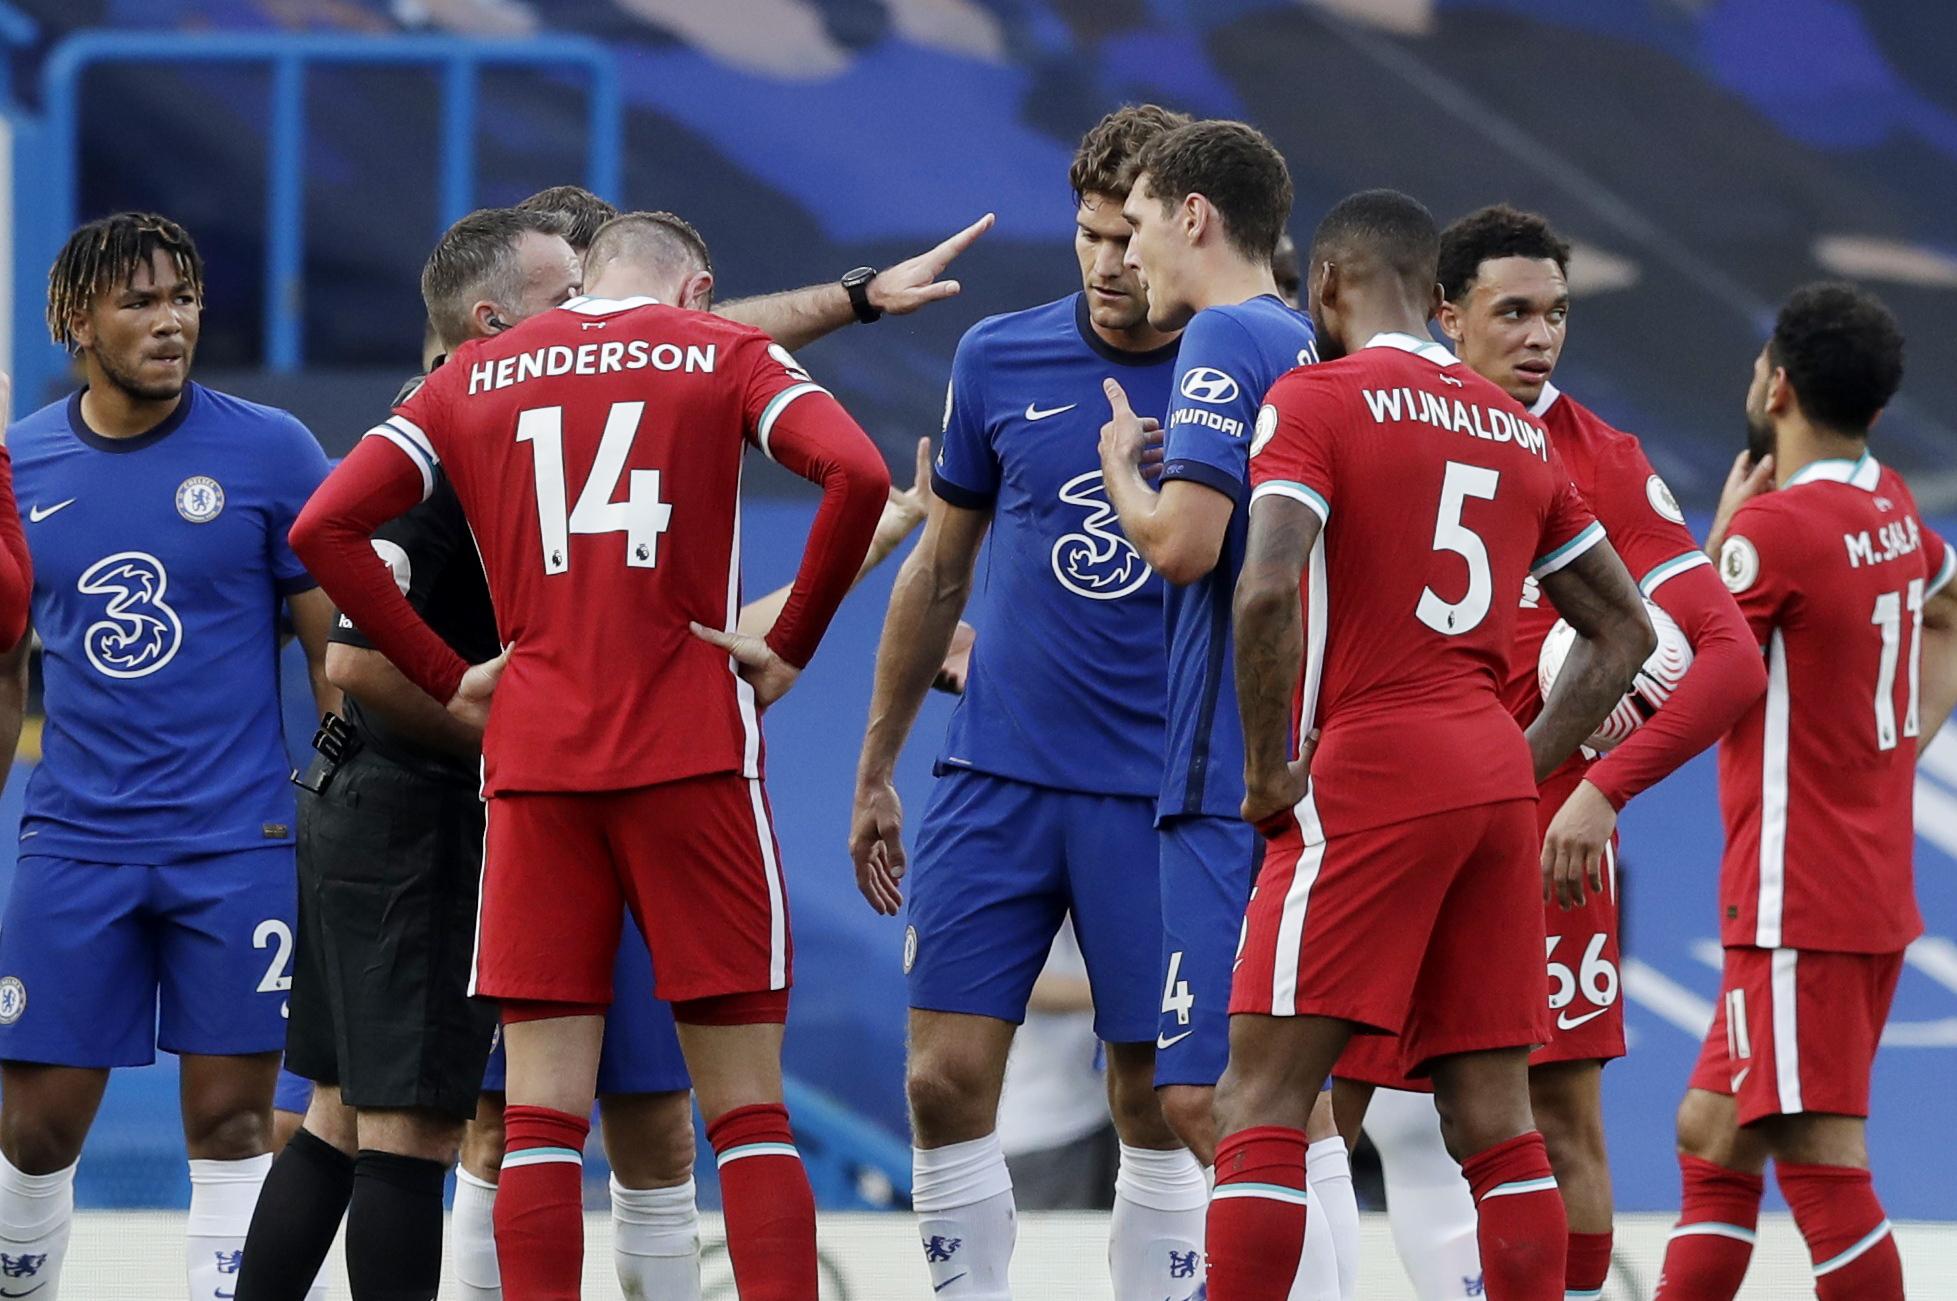 Ντέρμπι στην Premier League, κρίνεται η πρόκριση στο Κύπελλο Ελλάδας